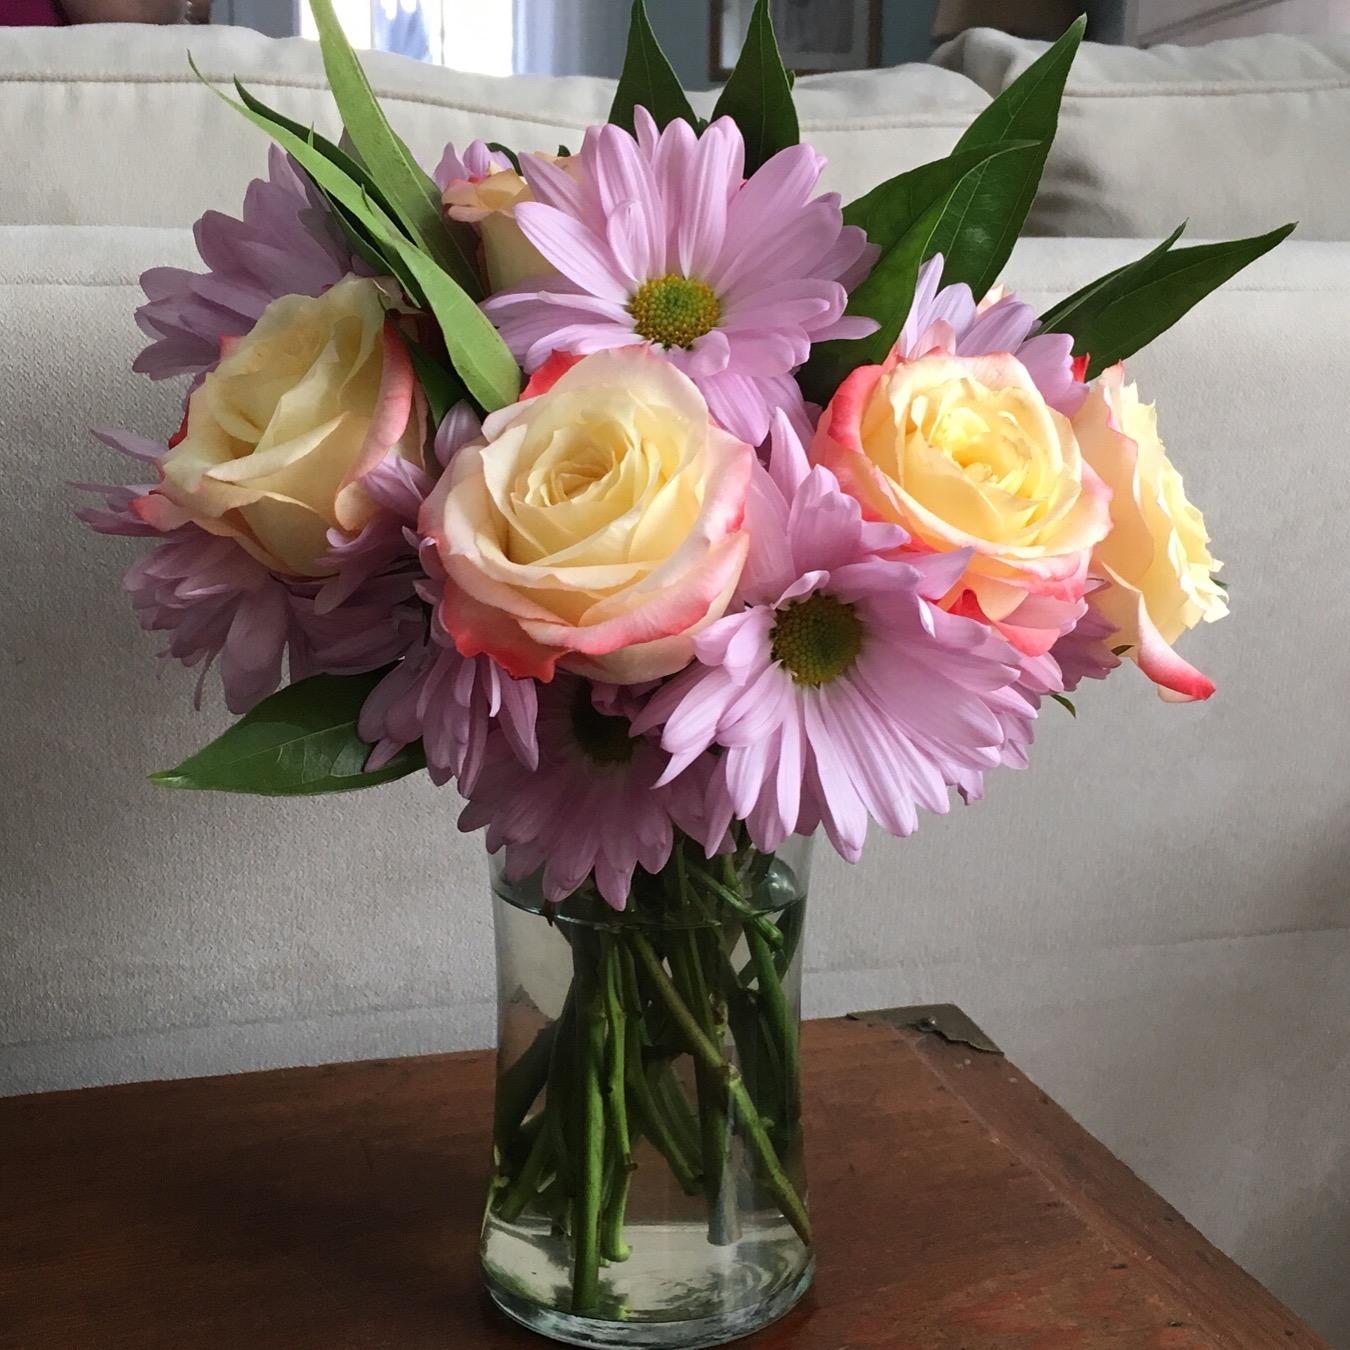 $65 - Floral Arranging Workshop  Make floral arrangements or centerpieces with a local florist!